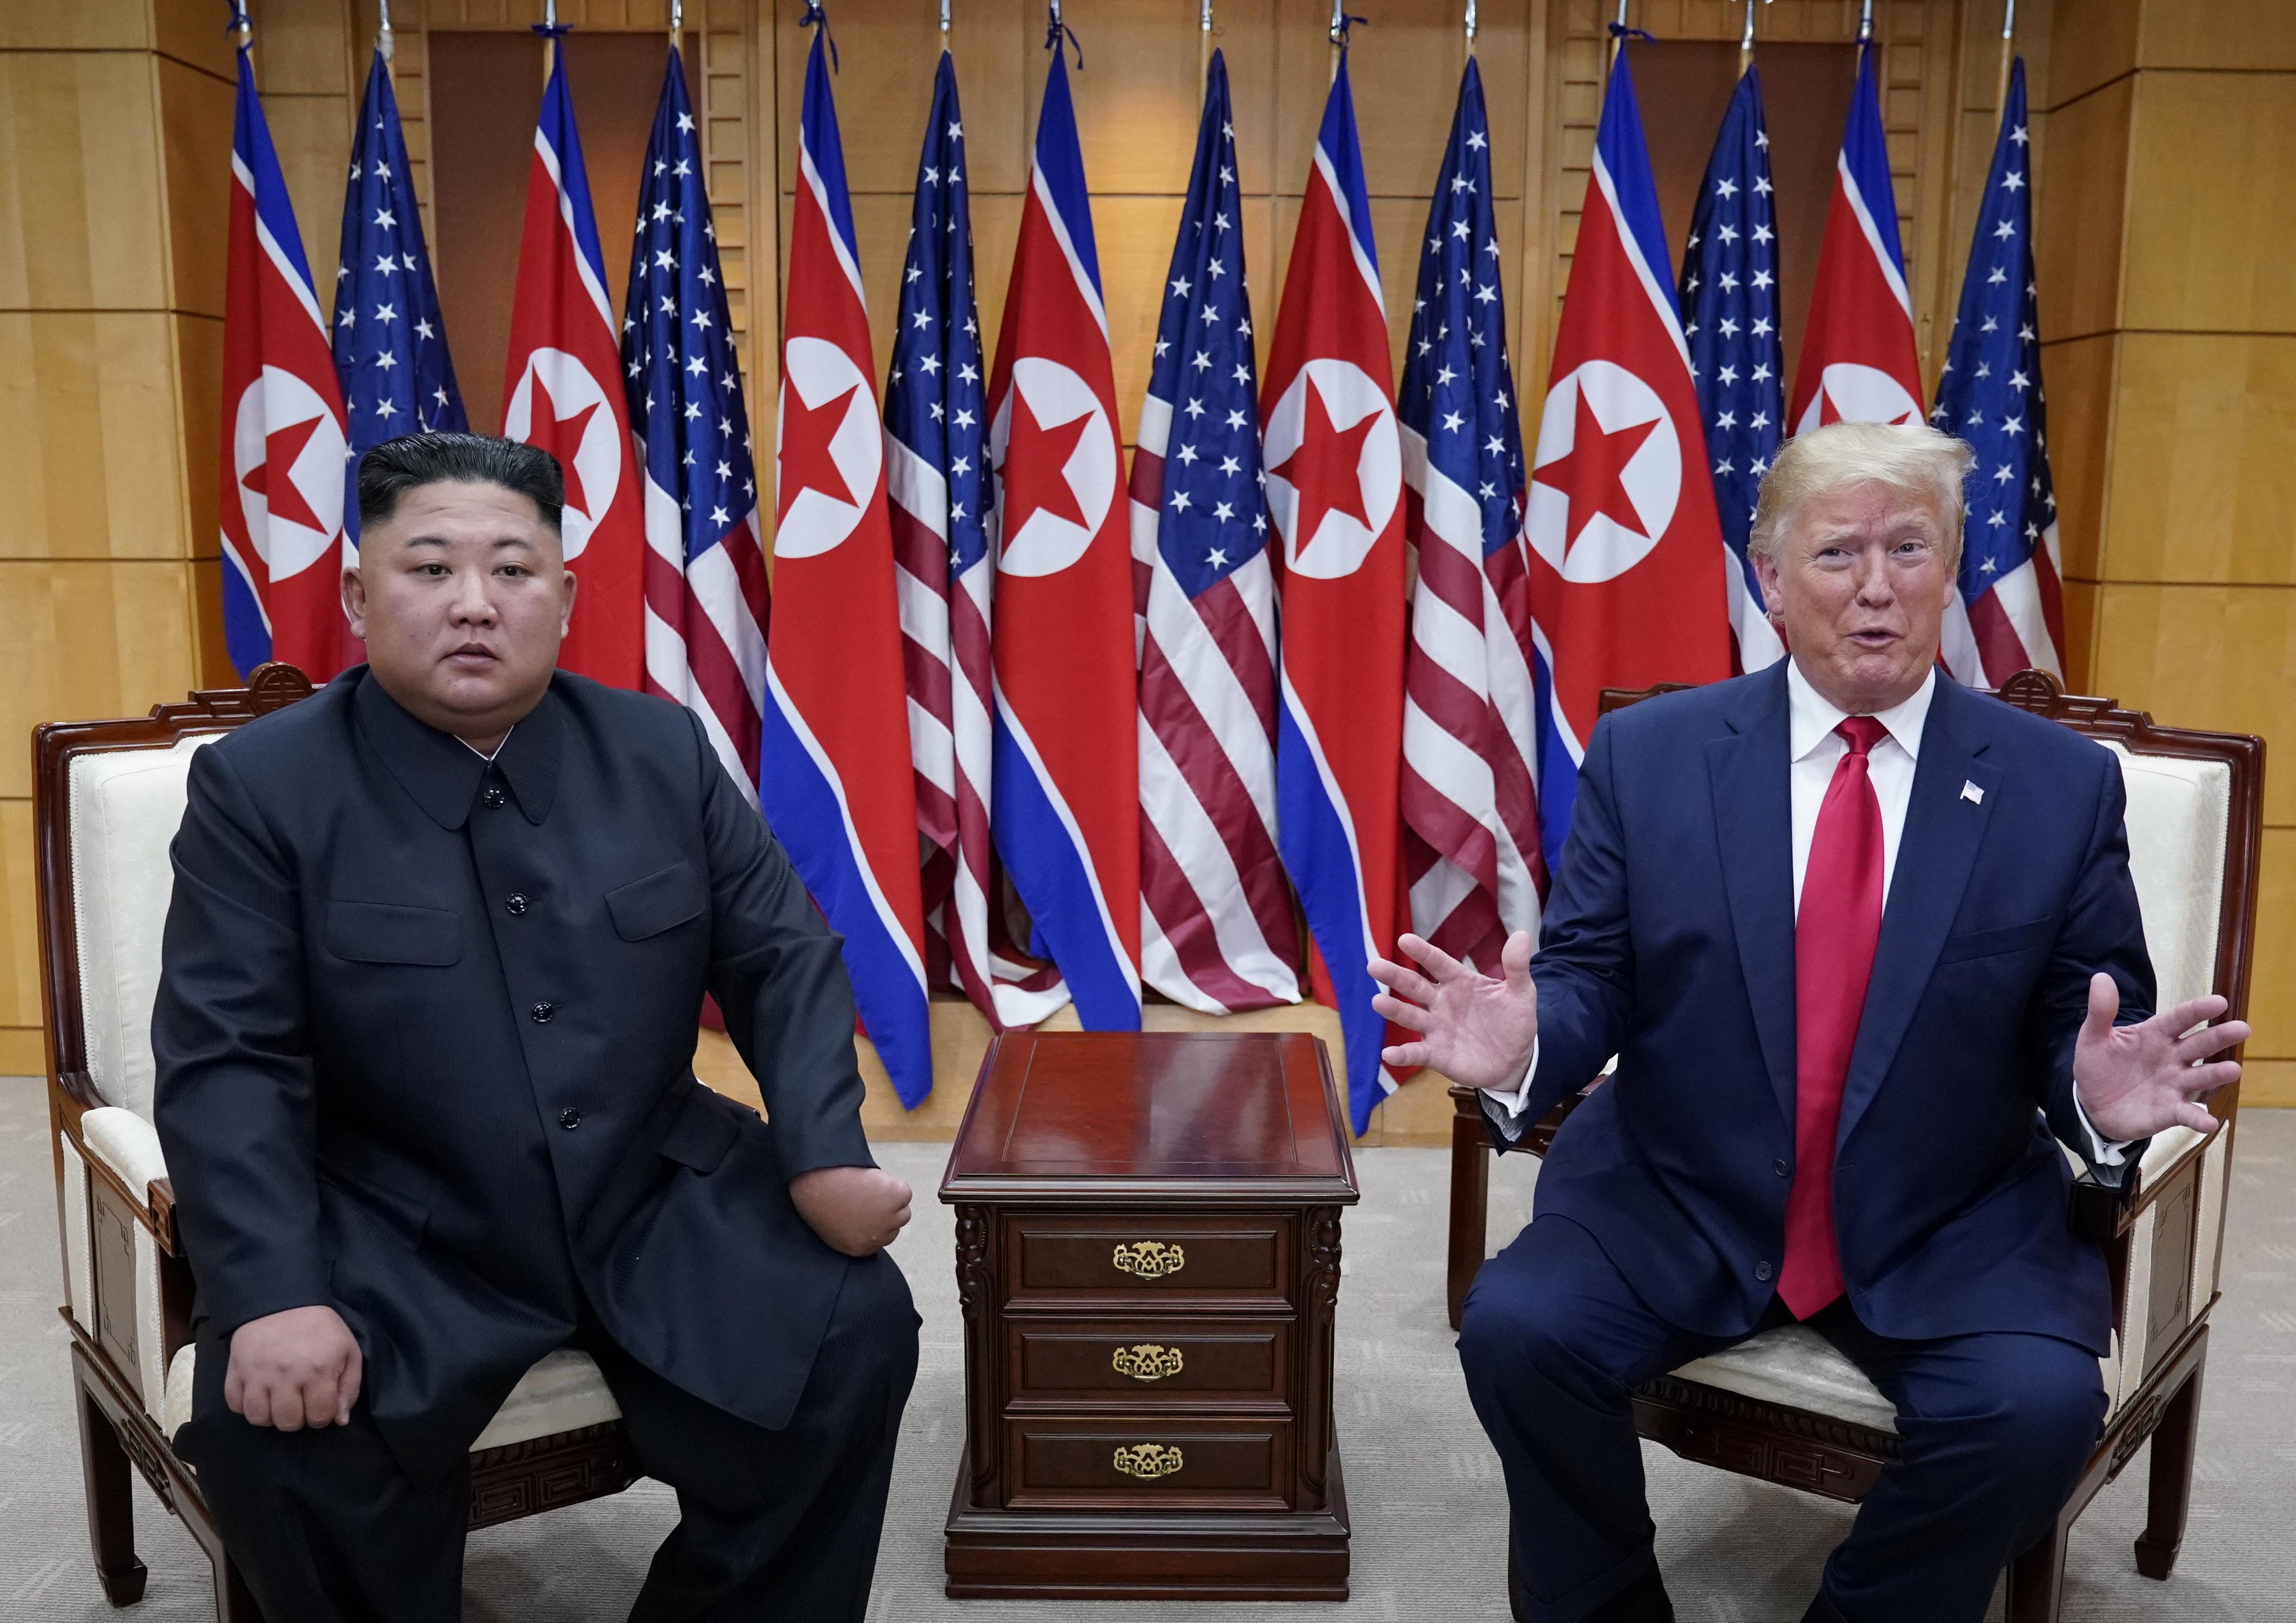 اجتماع بين الرئيس الأميركي دونالد وزعيم كوريا الشمالية كيم جونغ أونغ